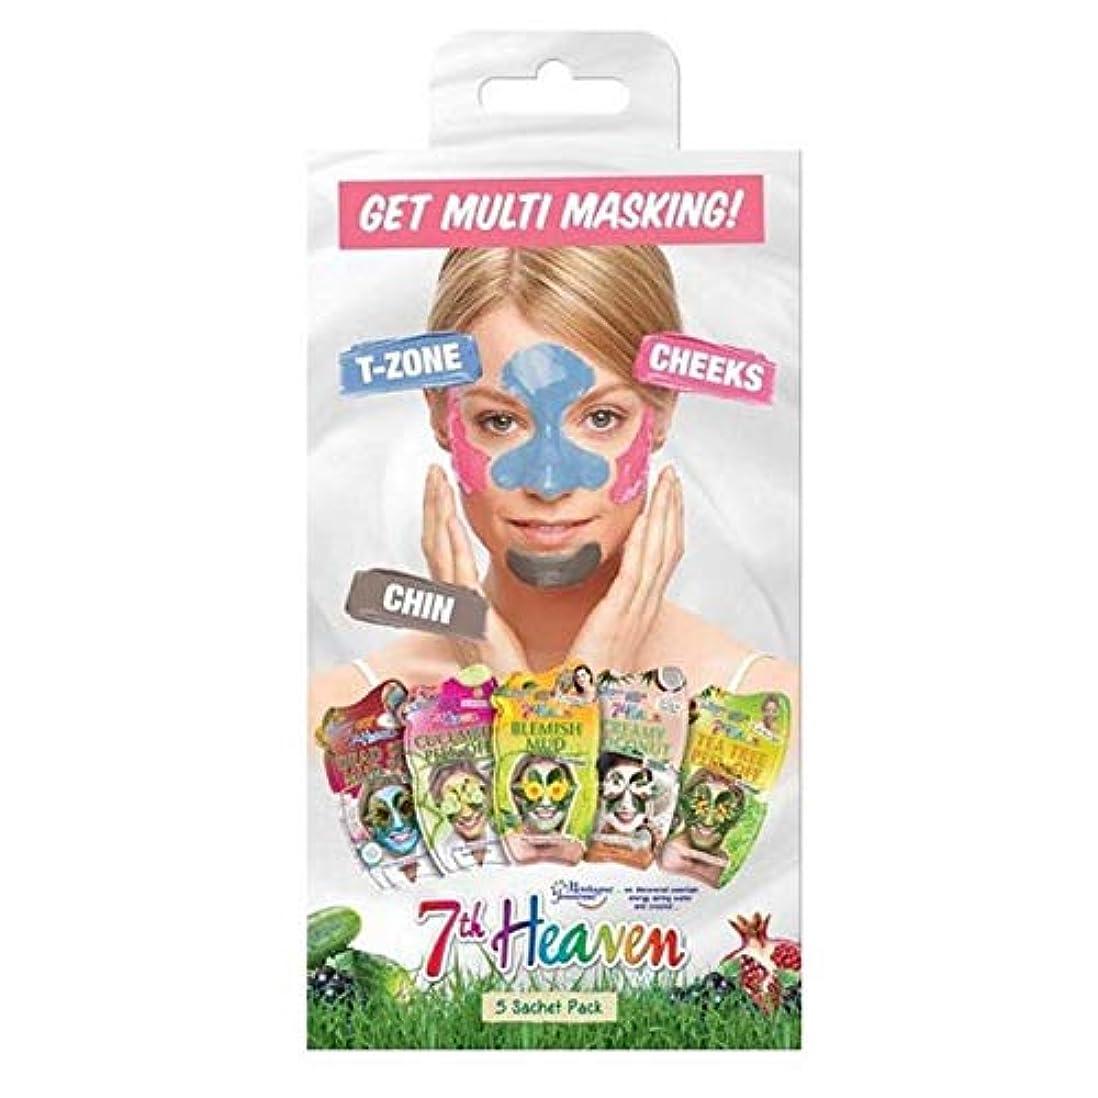 銃過度につらい[Montagne Jeunesse] モンターニュジュネス第七天国マルチマスキングマルチパック - Montagne Jeunesse 7th Heaven Multi-Masking Multipack [並行輸入品]